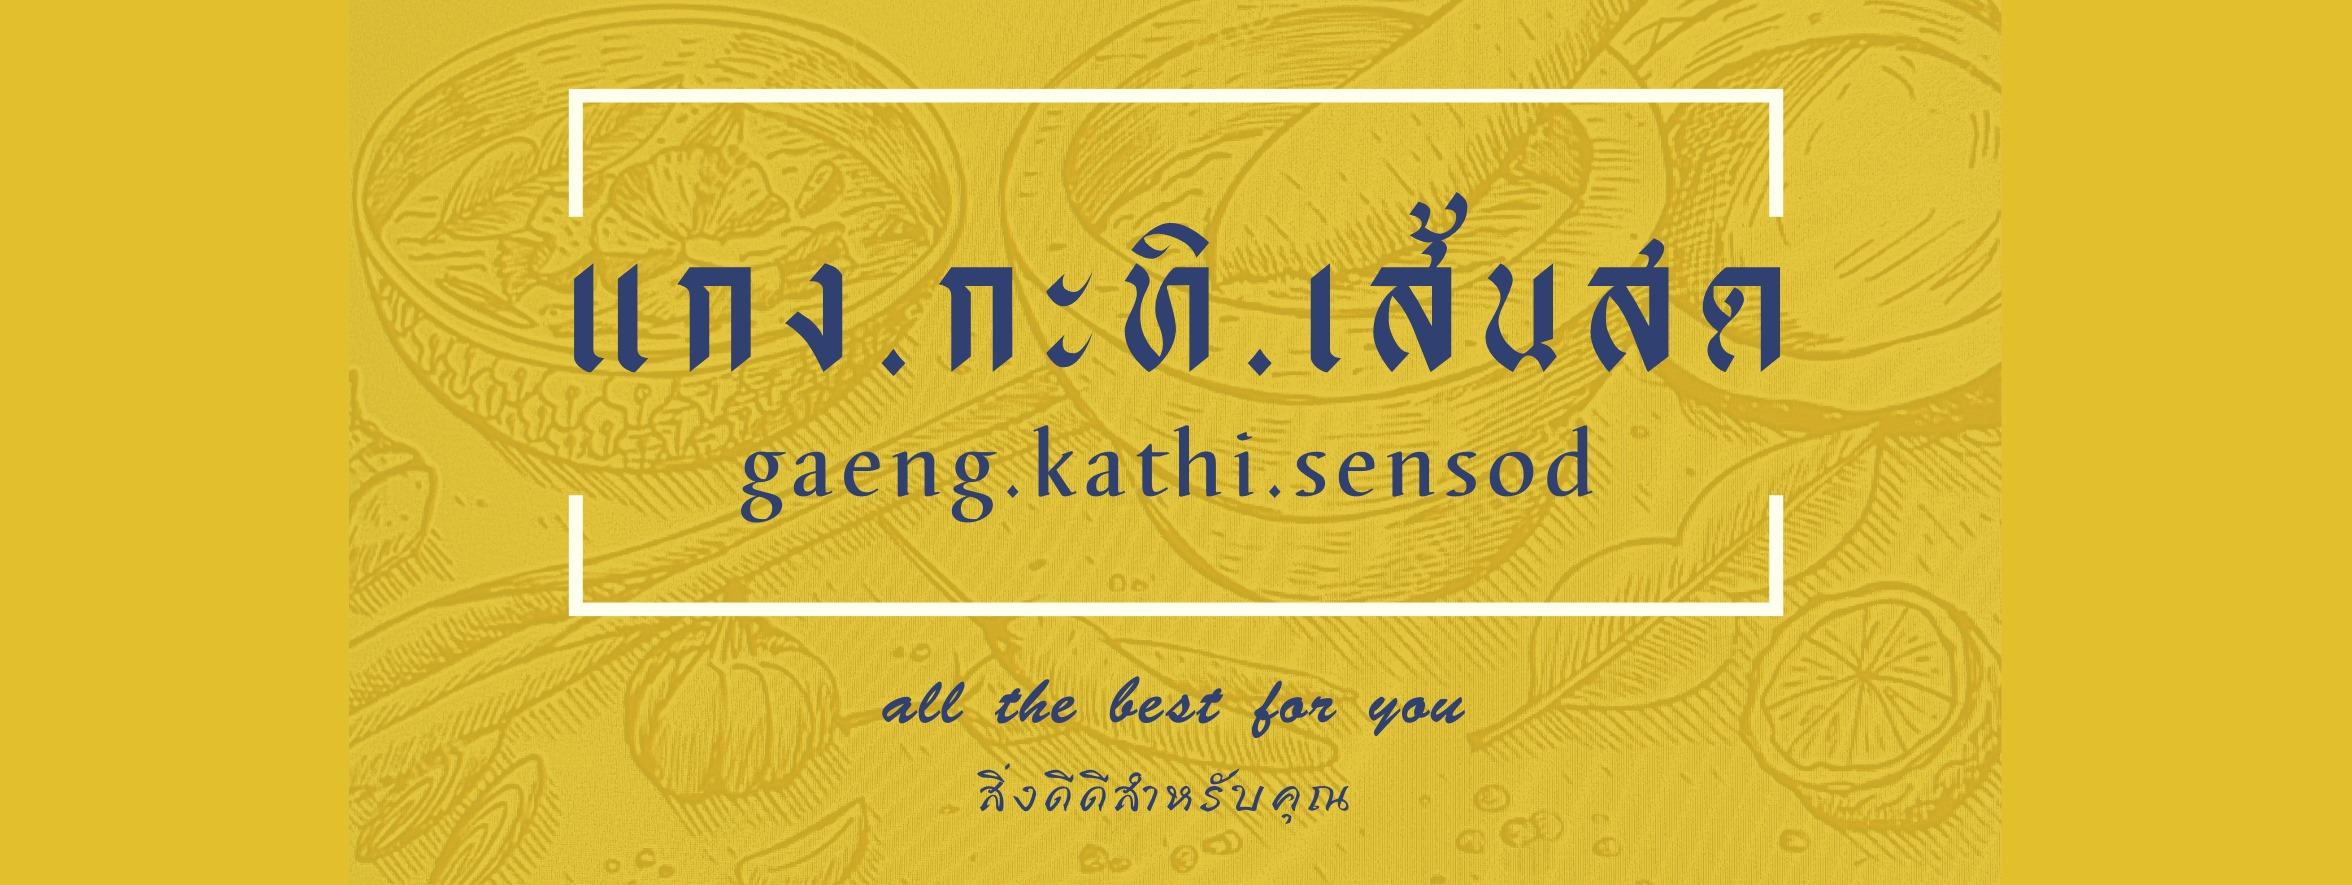 แกง.กะทิ.เส้นสด gaeng kathi sensod